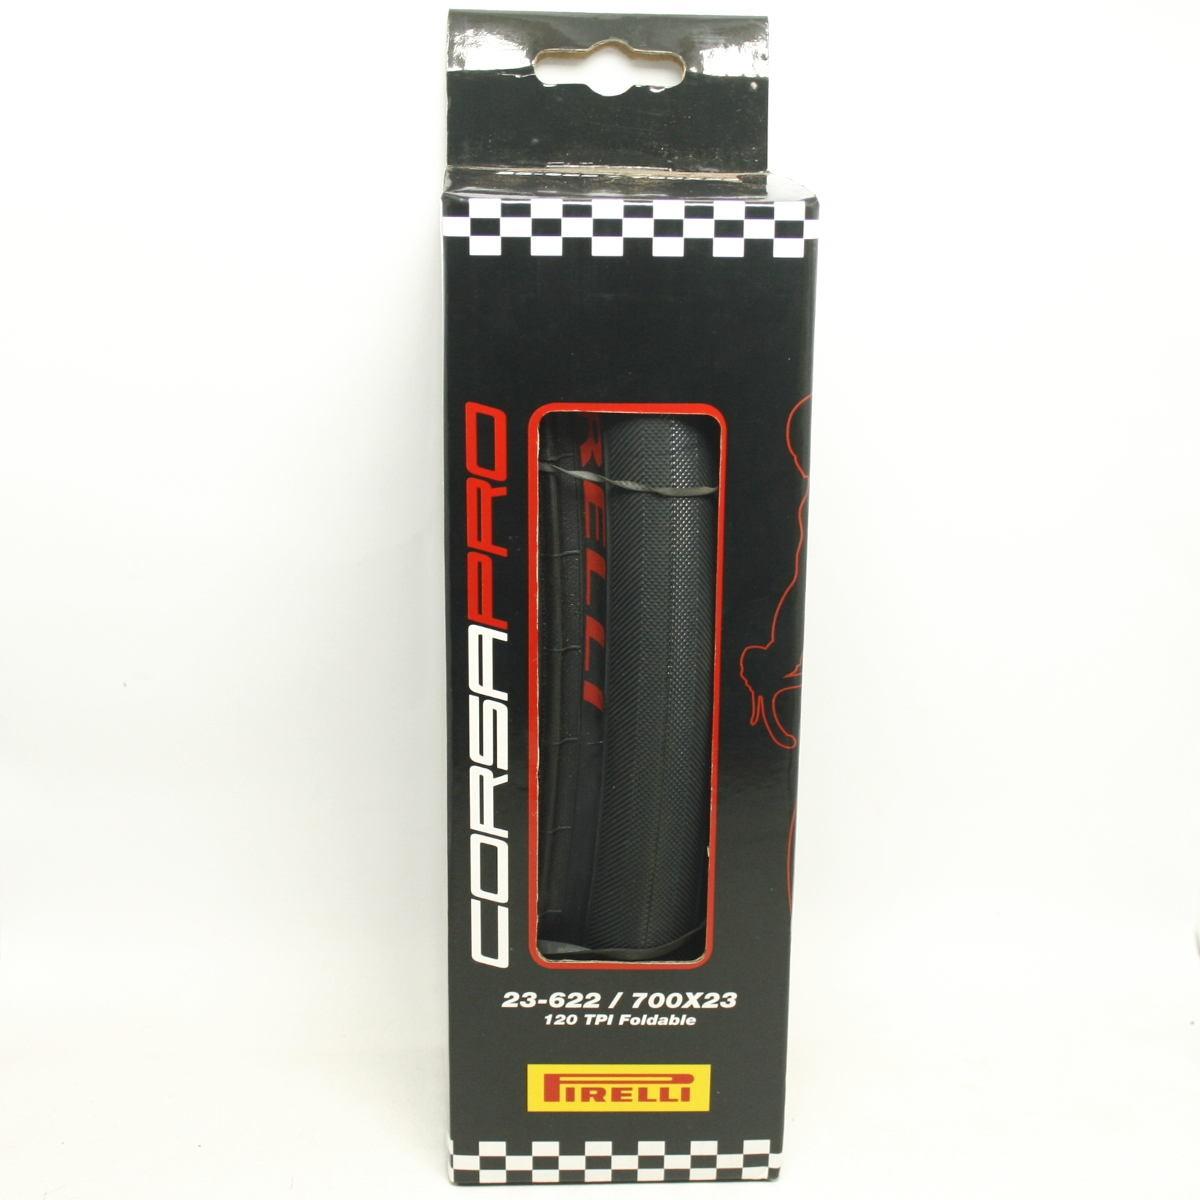 Pneu Pirelli Corsa Pro 700x23 120Tpi